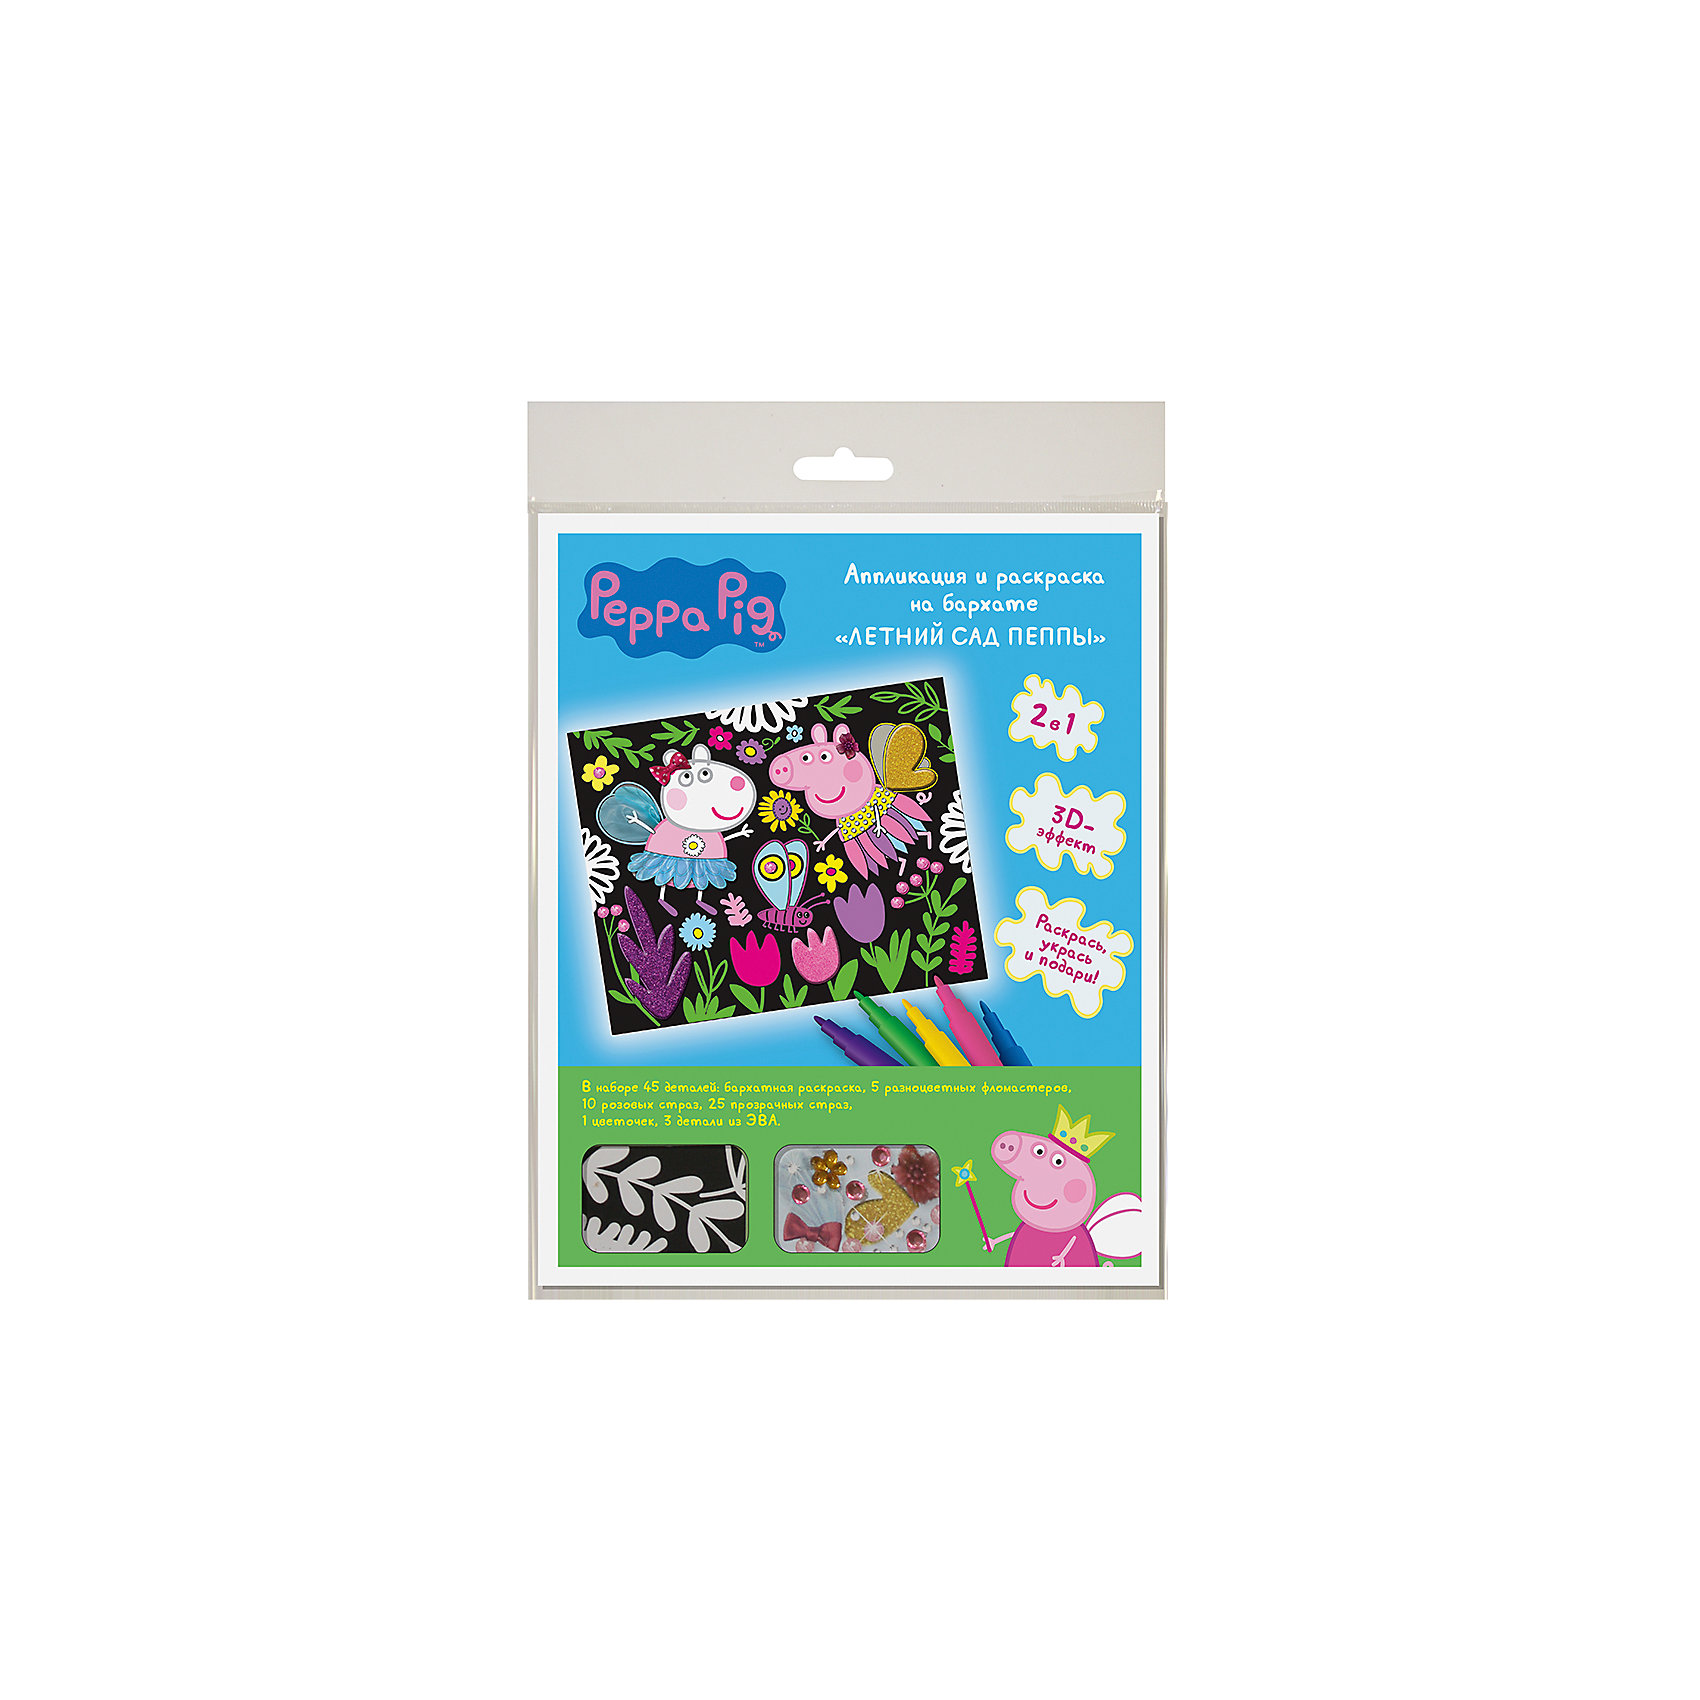 Аппликация и раскраска на бархате Летний сад Пеппы Peppa PigРаскраски по номерам<br>Характеристики:<br><br>• возраст: от 5 лет<br>• в наборе 45 деталей: бархатная раскраска (20,5х25,5 см), 5 фломастеров, 10 розовый страз, 25 прозрачных страз, цветочек, 3 детали из ЭВА<br>• размер упаковки: 20,5х25,5х1 см.<br>• товар сертифицирован<br><br>Вместе со своей юной рукодельницей создайте на бархате потрясающую картину с 3D-эффектом. Для этого на бархатной основе раскрасьте белые фрагменты 5-ю цветами фломастеров из набора. Украсьте поделку стразами, мягкими блестящими деталями из ЭВА и тканевым цветком. <br><br>Вы также можете использовать любые дополнительные материалы: клей, краски, цветные карандаши, фольгу, кусочки ткани и др. Не выбрасывайте вкладыш от упаковки - из него можно сделать настольную подставку для готовой картины. Для этого нужно прорезать по контуру откидную опору и приклеить поделку к лицевой стороне вкладыша. <br><br>В результате у вас получится красивая картина, которую можно с гордостью поставить на видное место.<br><br>Набор Аппликация и раскрашивание на бархате Летний сад Пеппы ТМ Свинка Пеппа можно купить в нашем интернет-магазине.<br><br>Ширина мм: 255<br>Глубина мм: 205<br>Высота мм: 10<br>Вес г: 50<br>Возраст от месяцев: 60<br>Возраст до месяцев: 2147483647<br>Пол: Женский<br>Возраст: Детский<br>SKU: 5453413